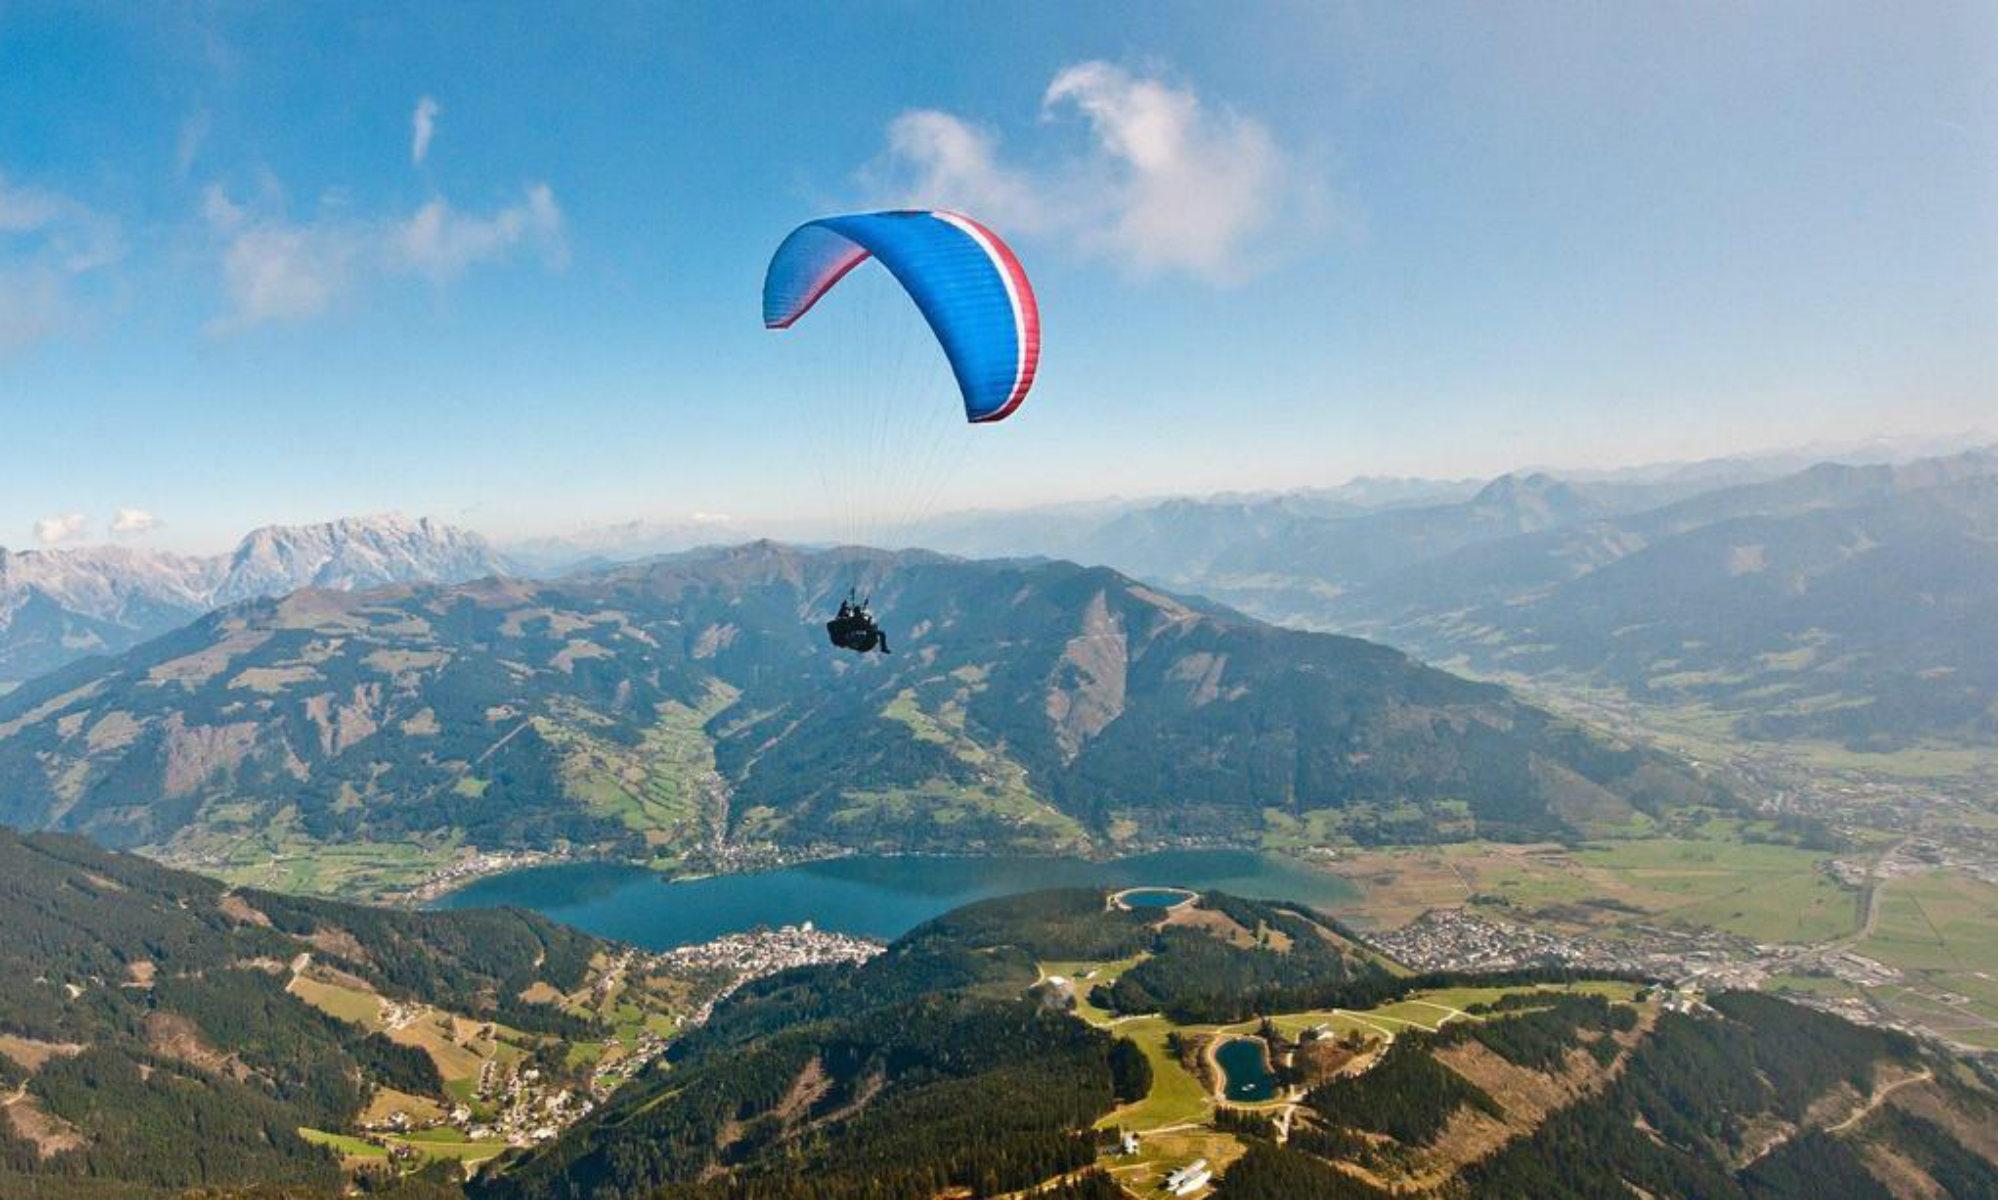 Ein Tandemflug mit Blick auf die Kitzbüheler Alpen - im Hintergrund liegt der Zeller See.